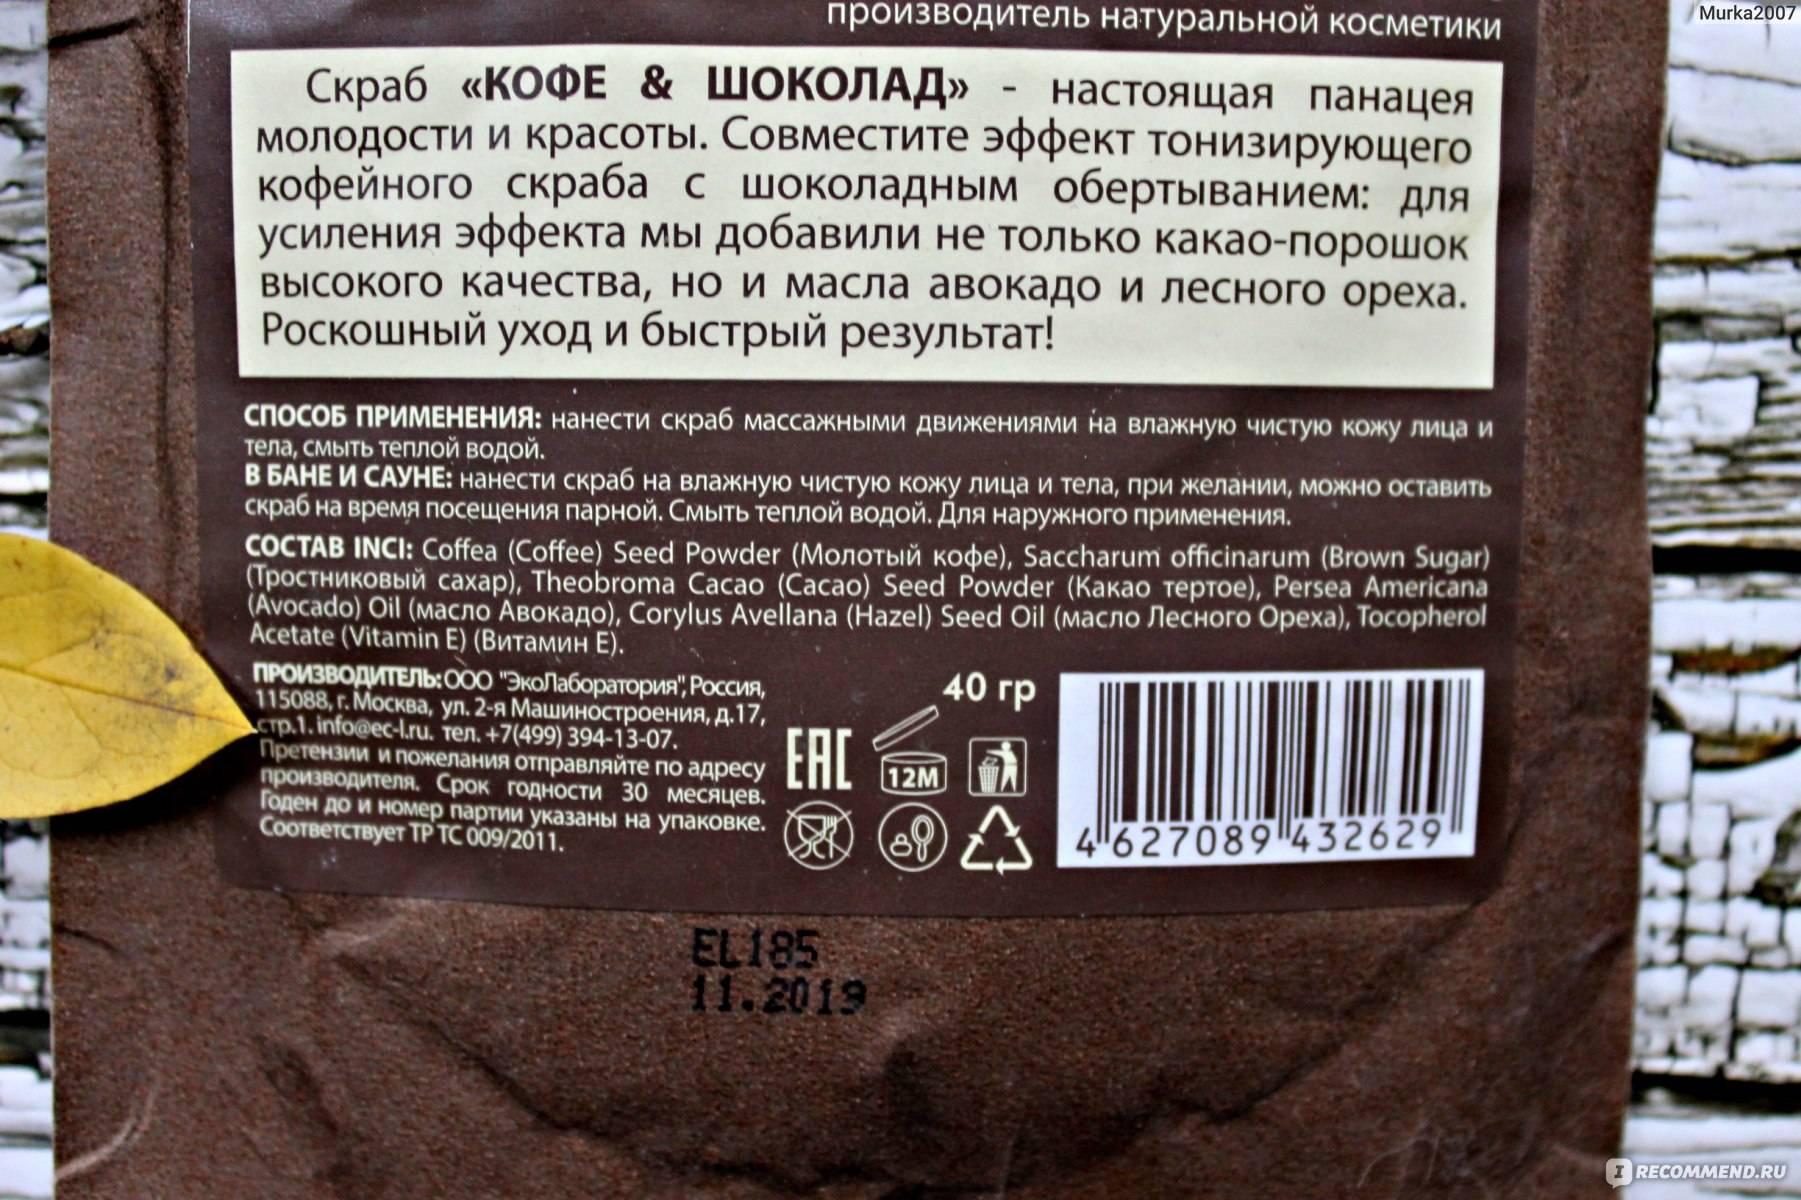 Ненастоящее и опасное какао 2021 года — 6 худших марок любимого напитка